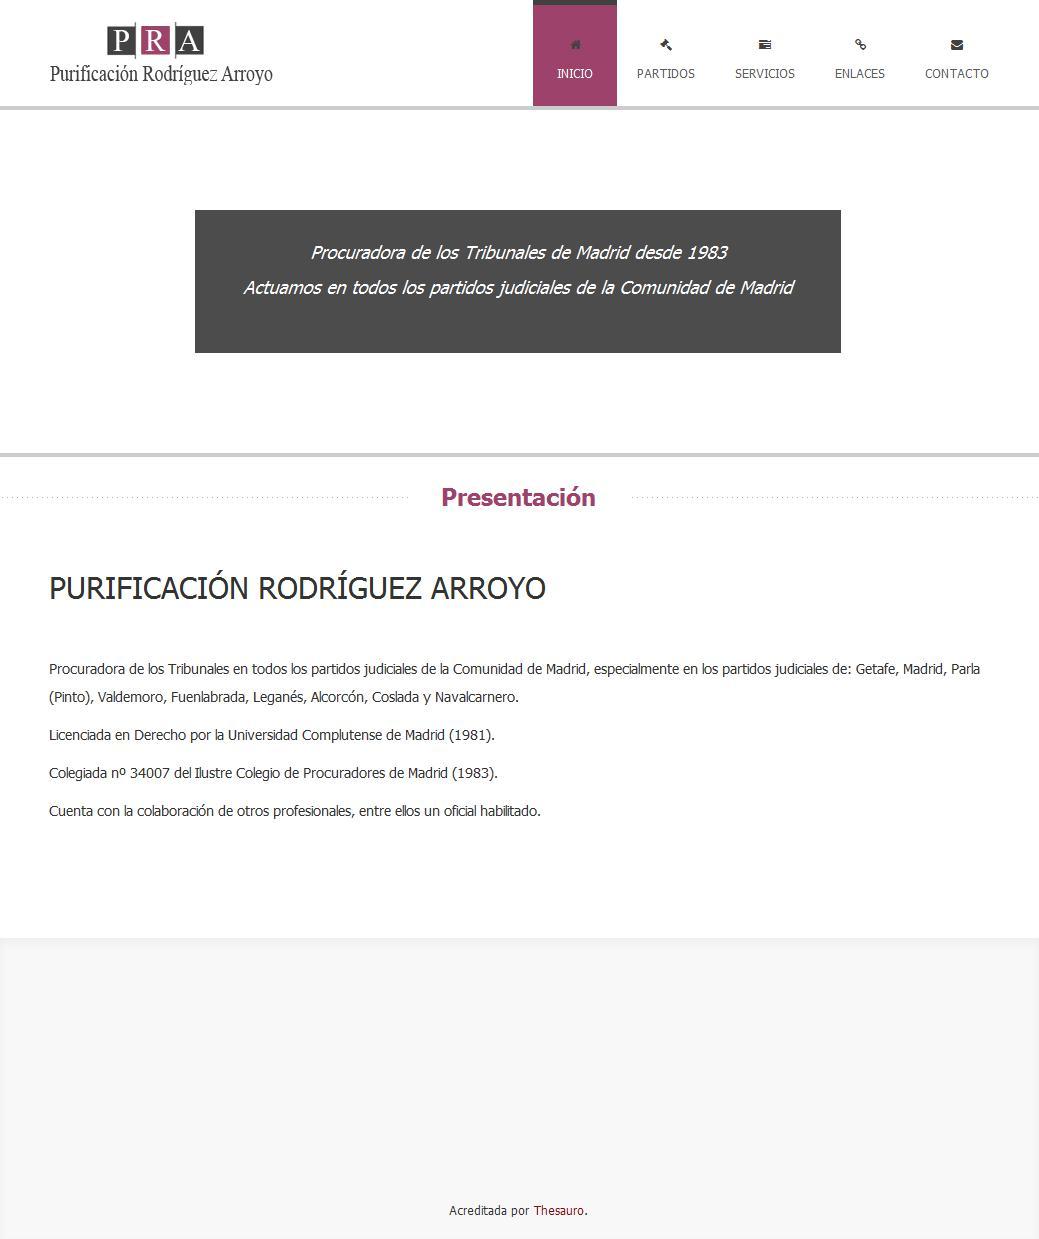 Procuradora Purificacion Rodriguez Arroyo